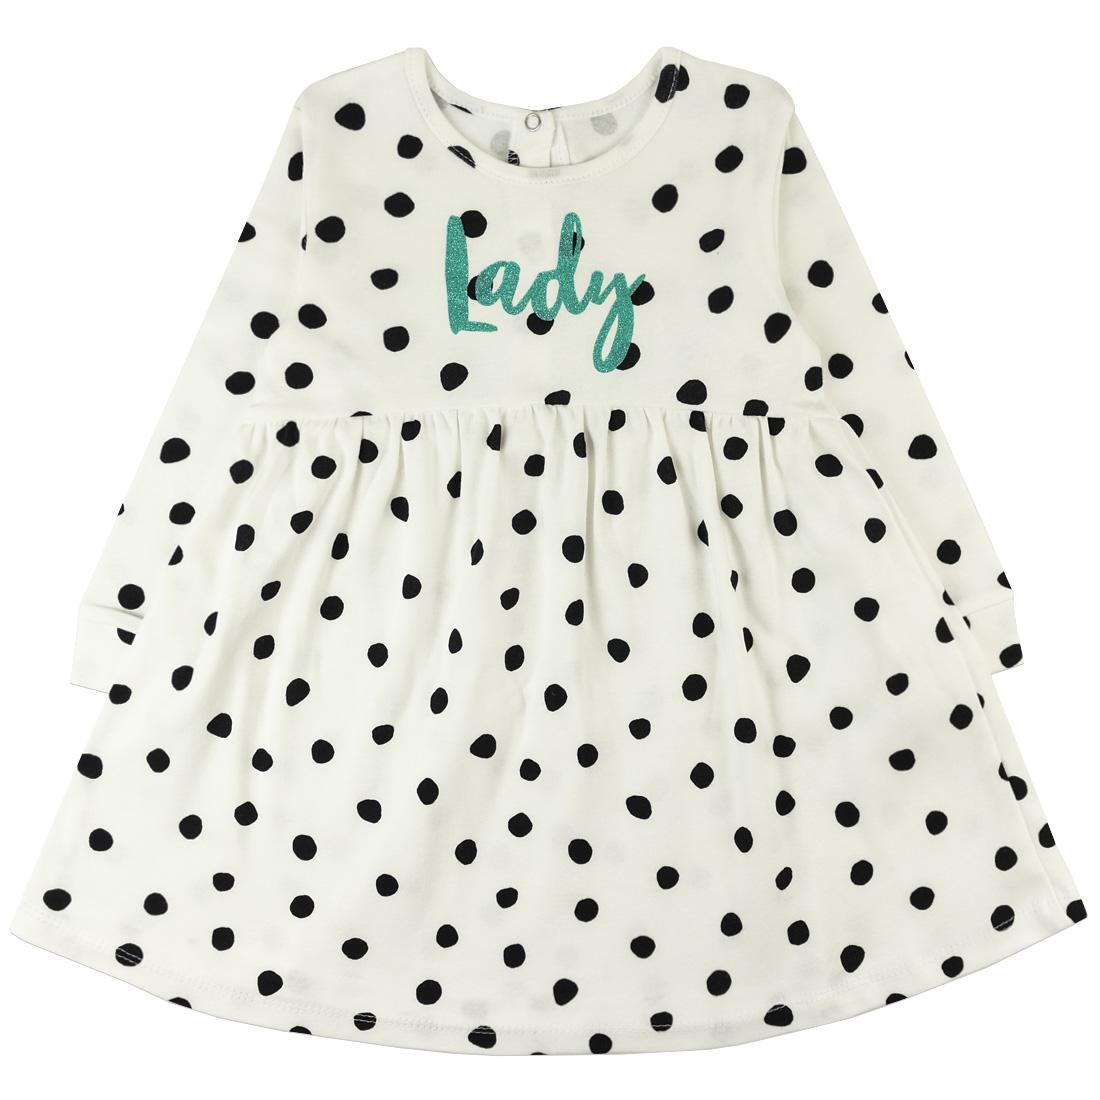 Купить 1137и ап, Платье детское Юлла, цв. белый р. 92, Платья для новорожденных